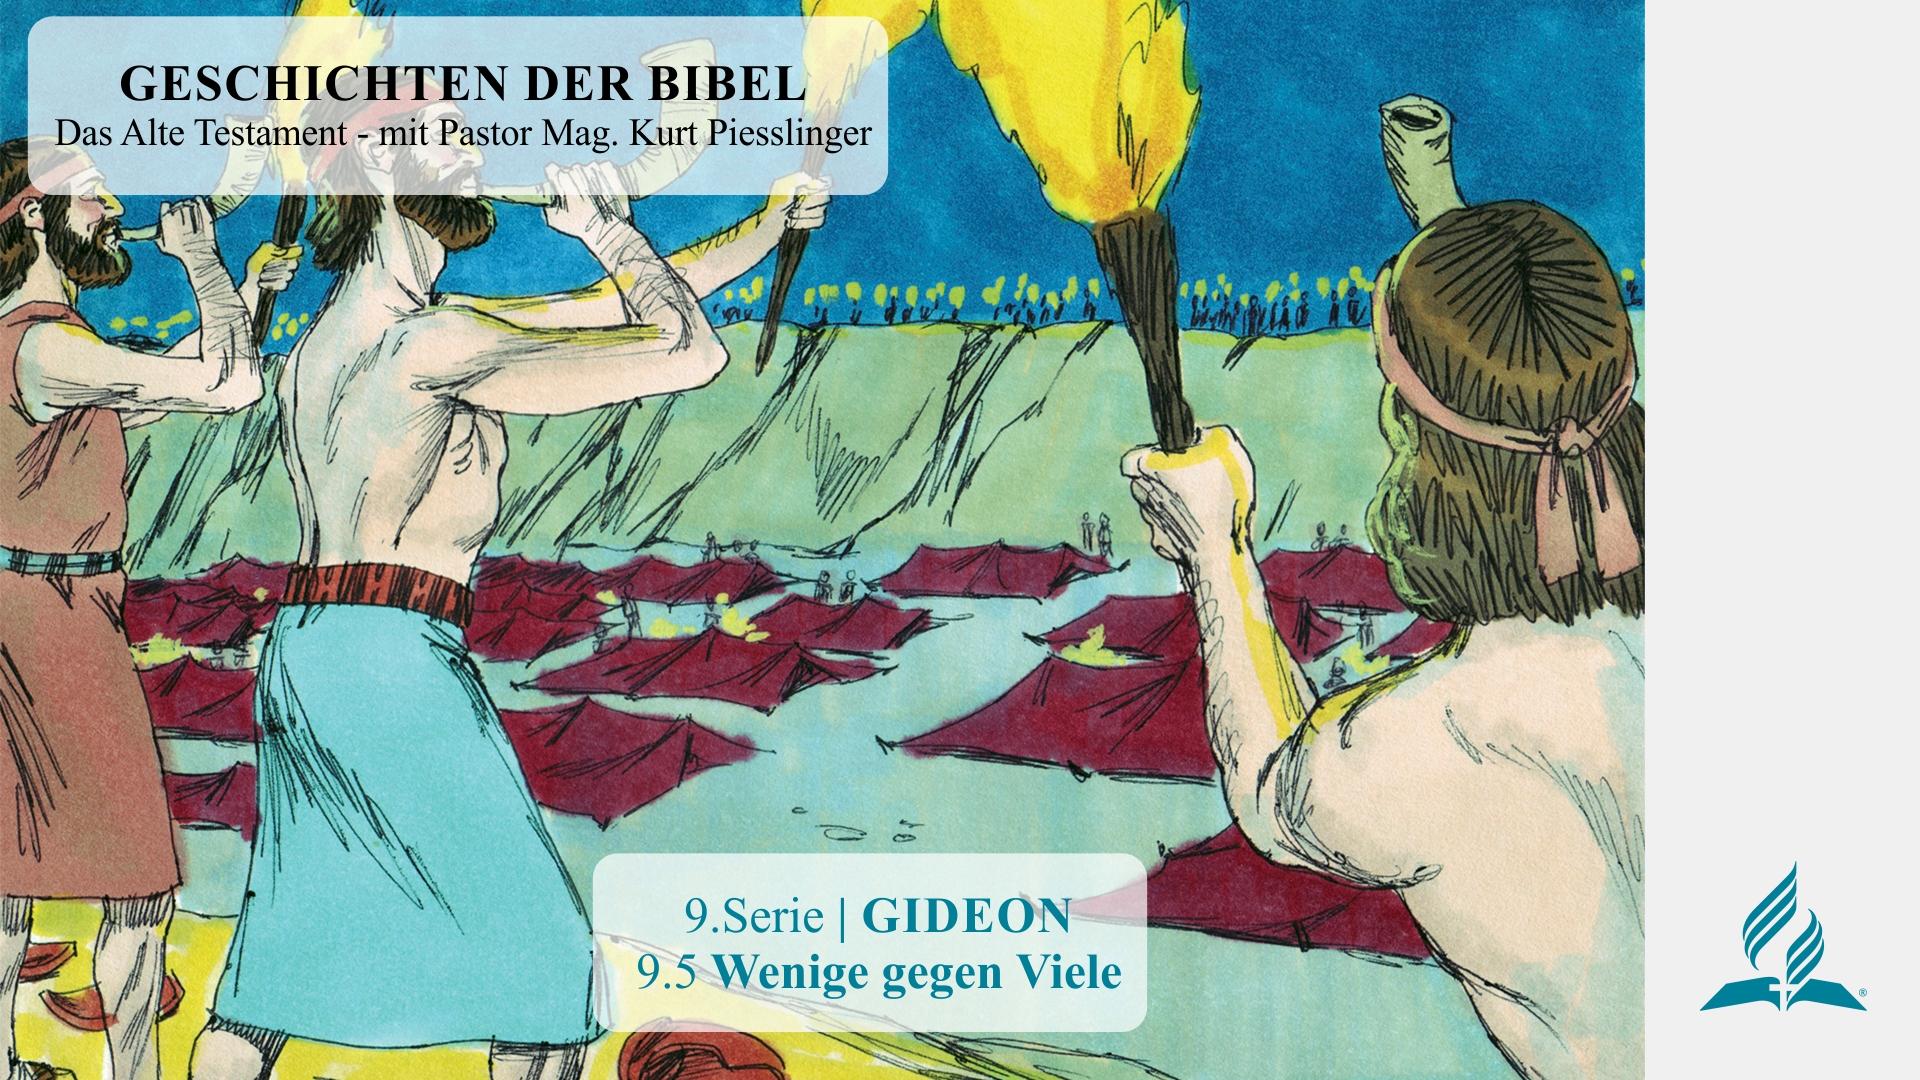 GESCHICHTEN DER BIBEL: 9.5 Wenige gegen Viele – 9.GIDEON | Pastor Mag. Kurt Piesslinger